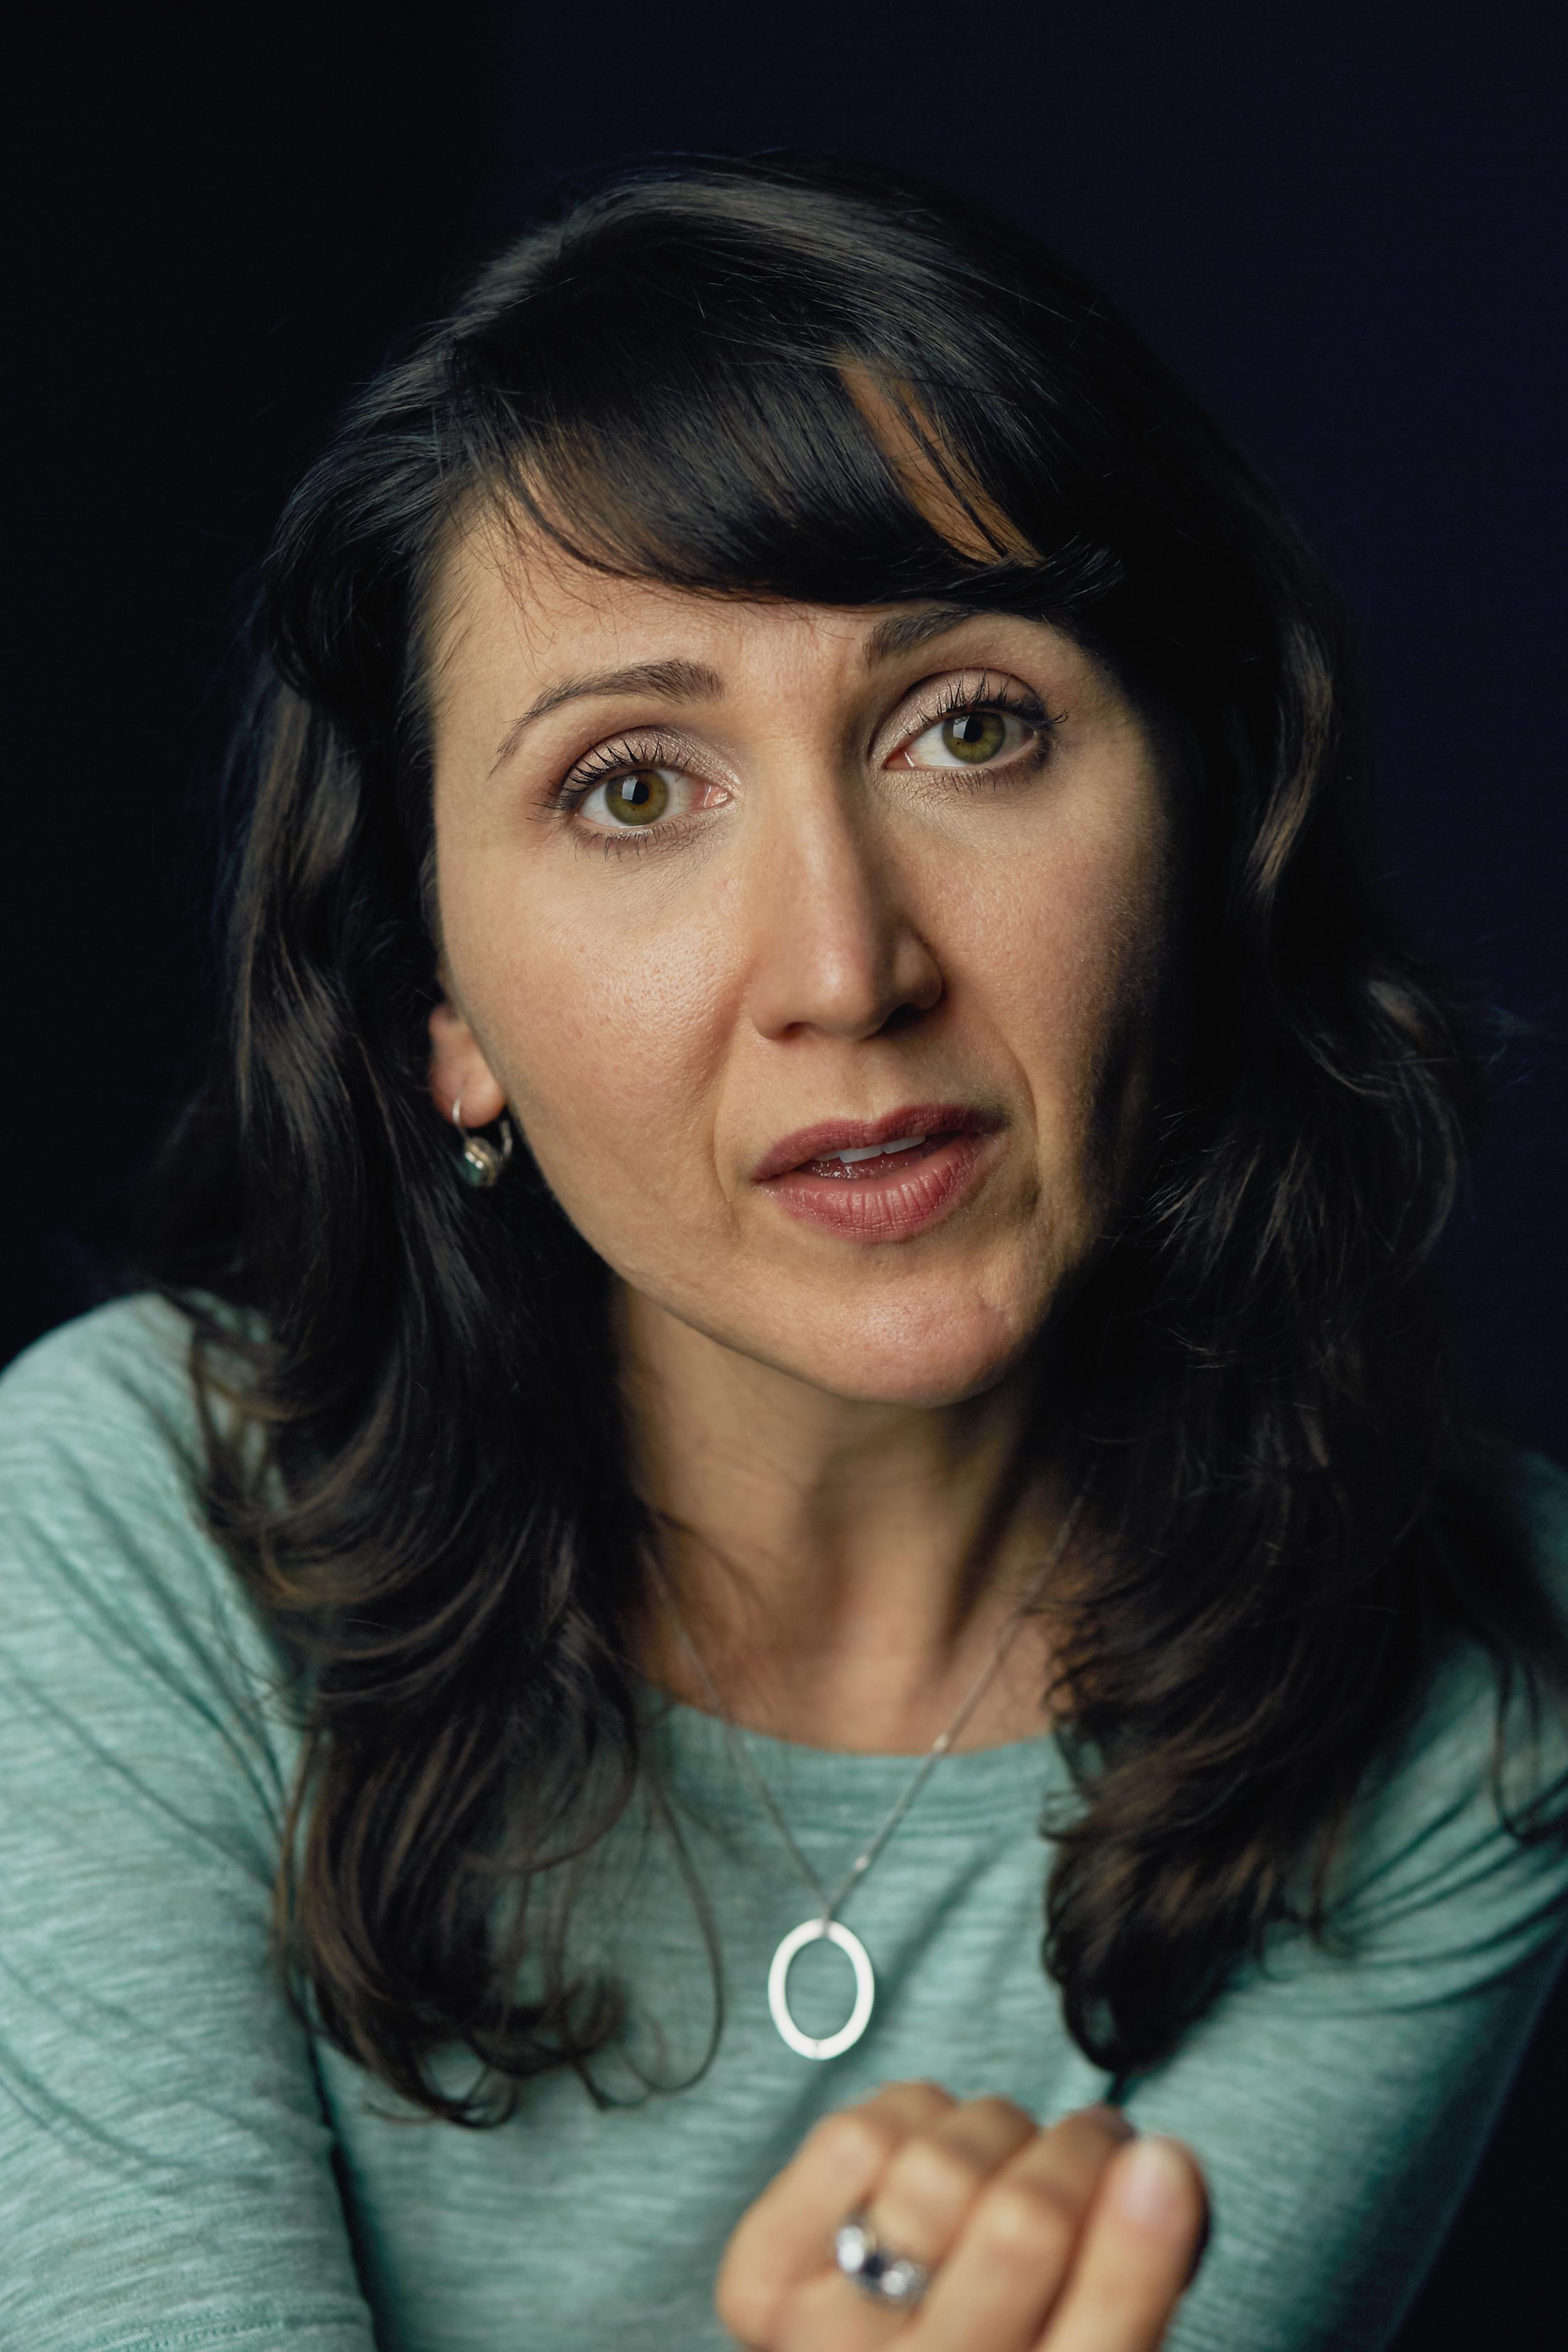 Andrea Caban